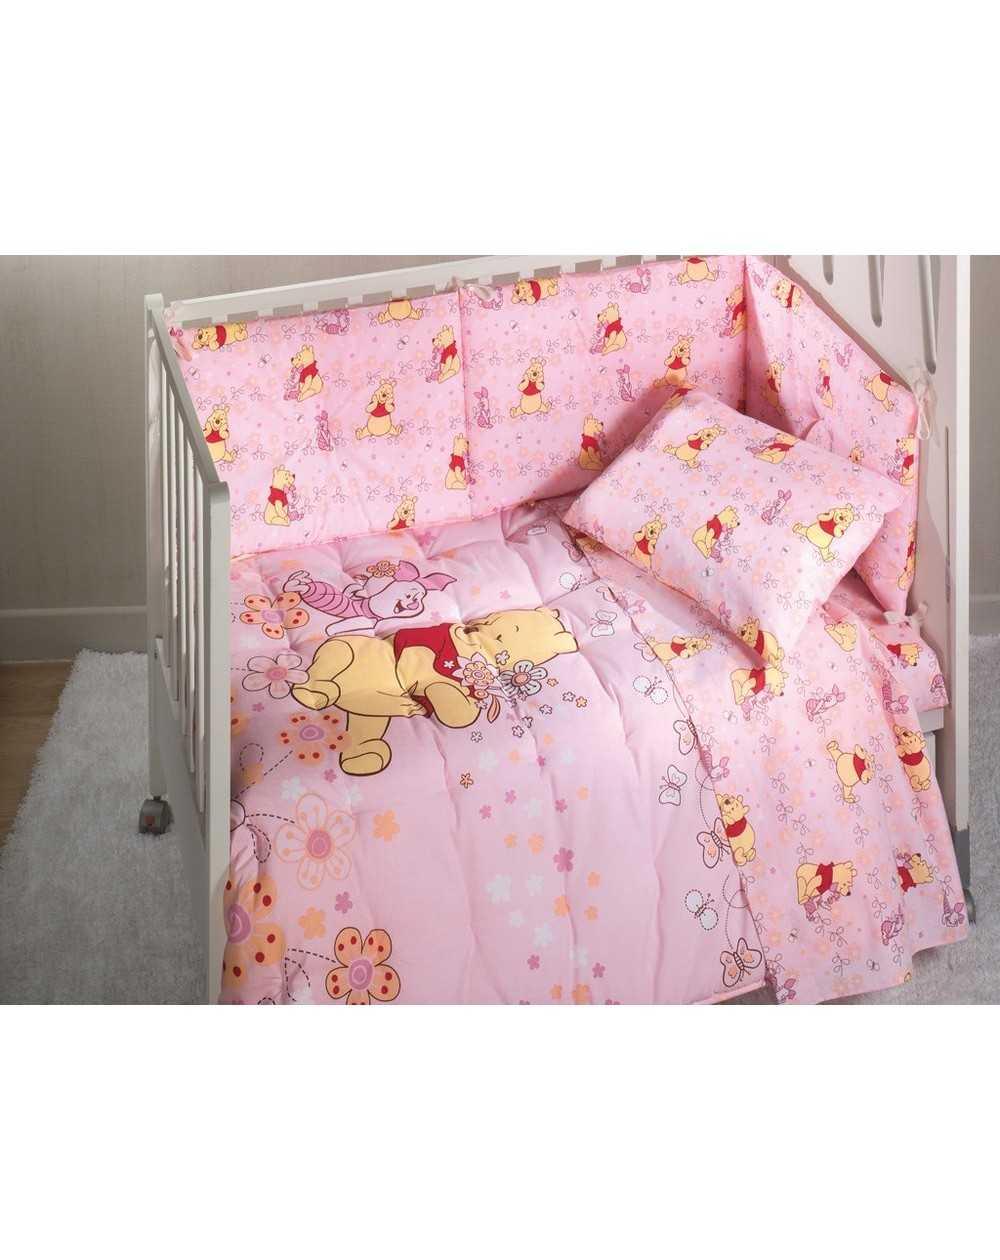 Trapunta Lettino Winnie The Pooh.Copriletto Trapuntato E Paracolpi Winnie The Pooh Love Rosa Disney Caleffi